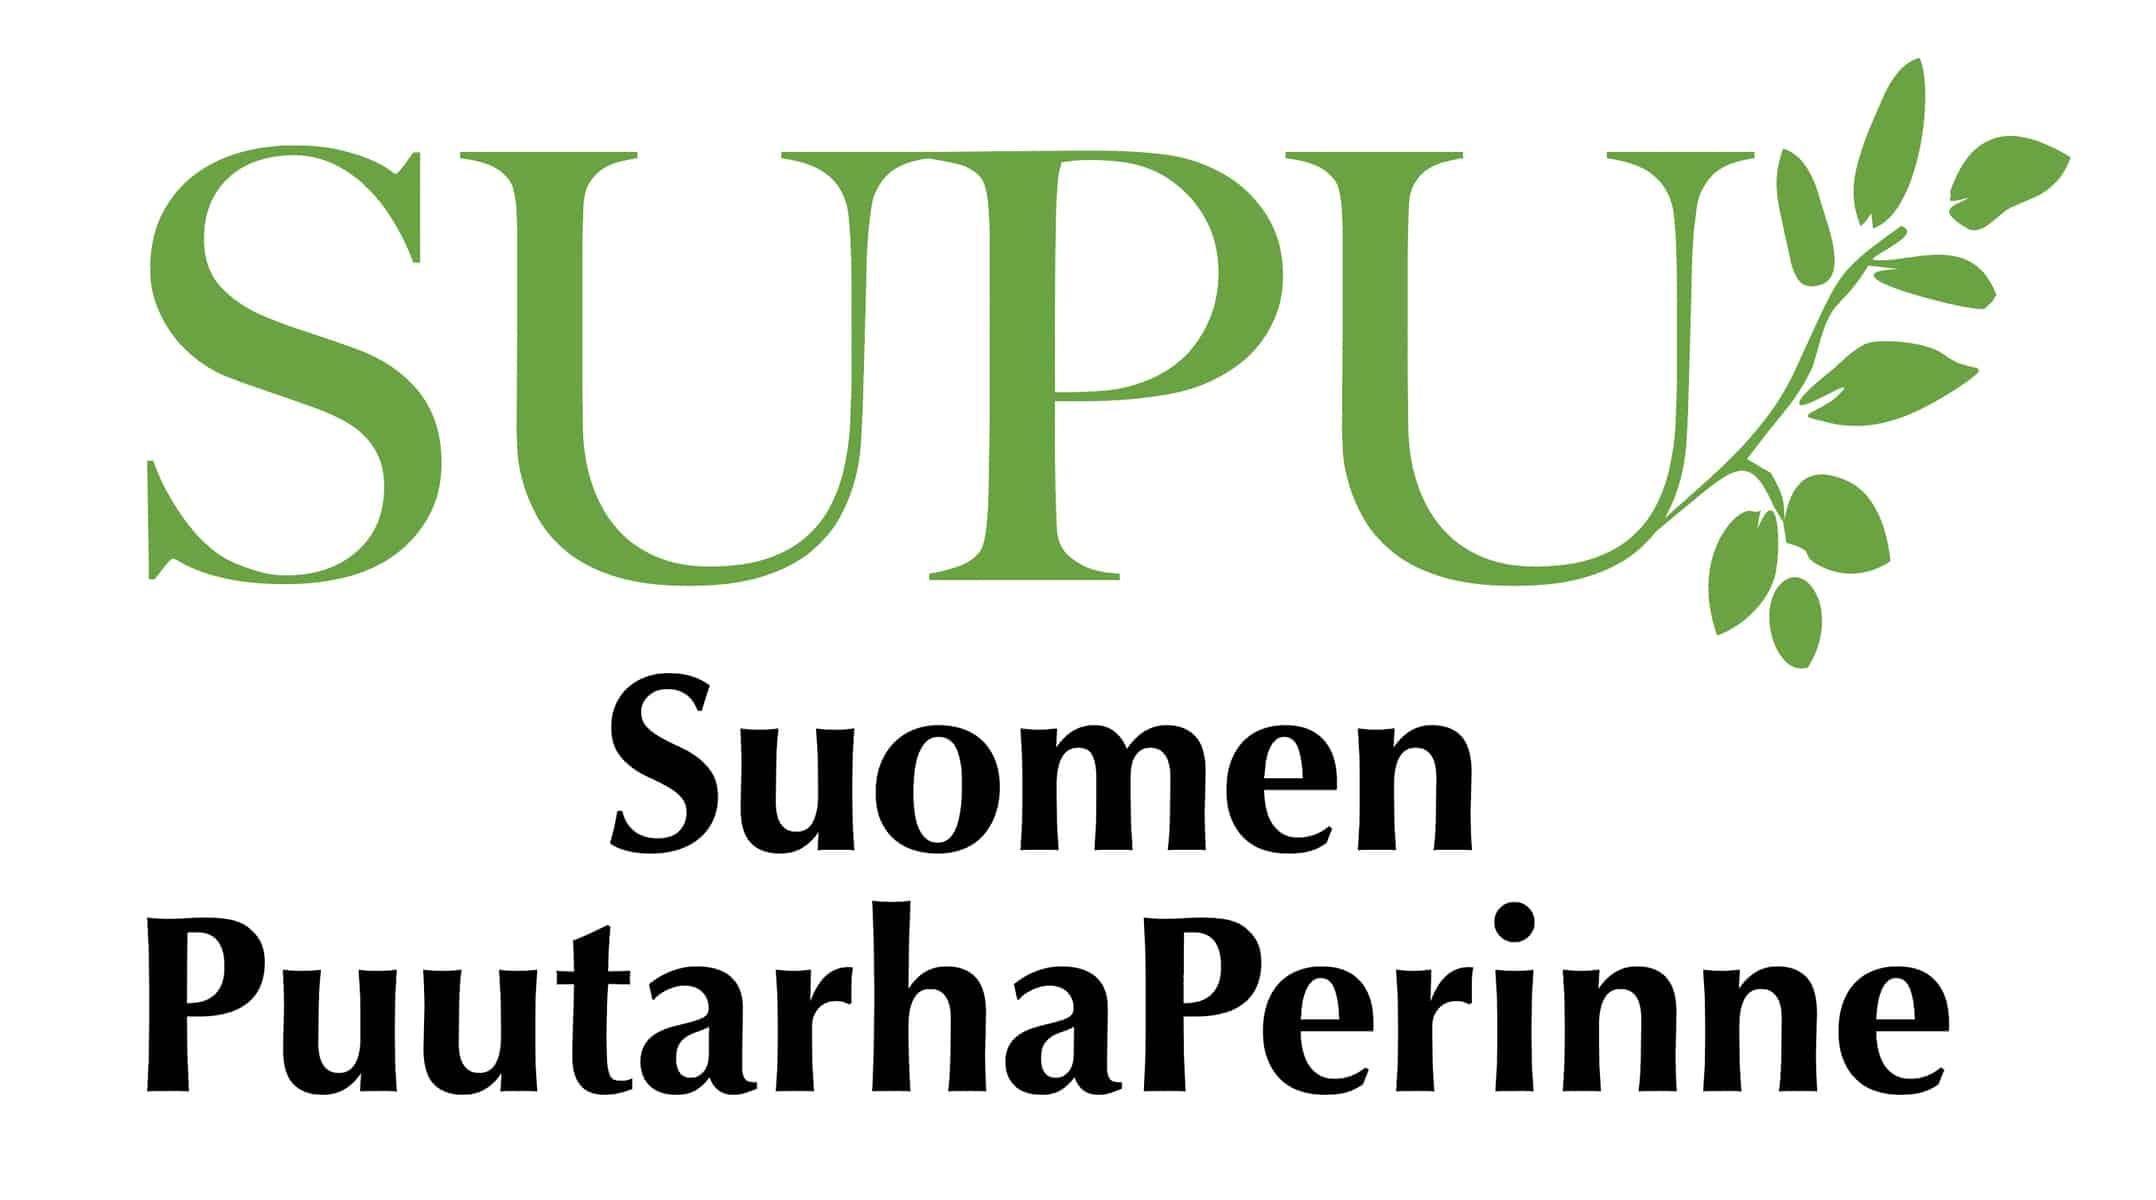 suomen-puutarhaperinne-supu-logo